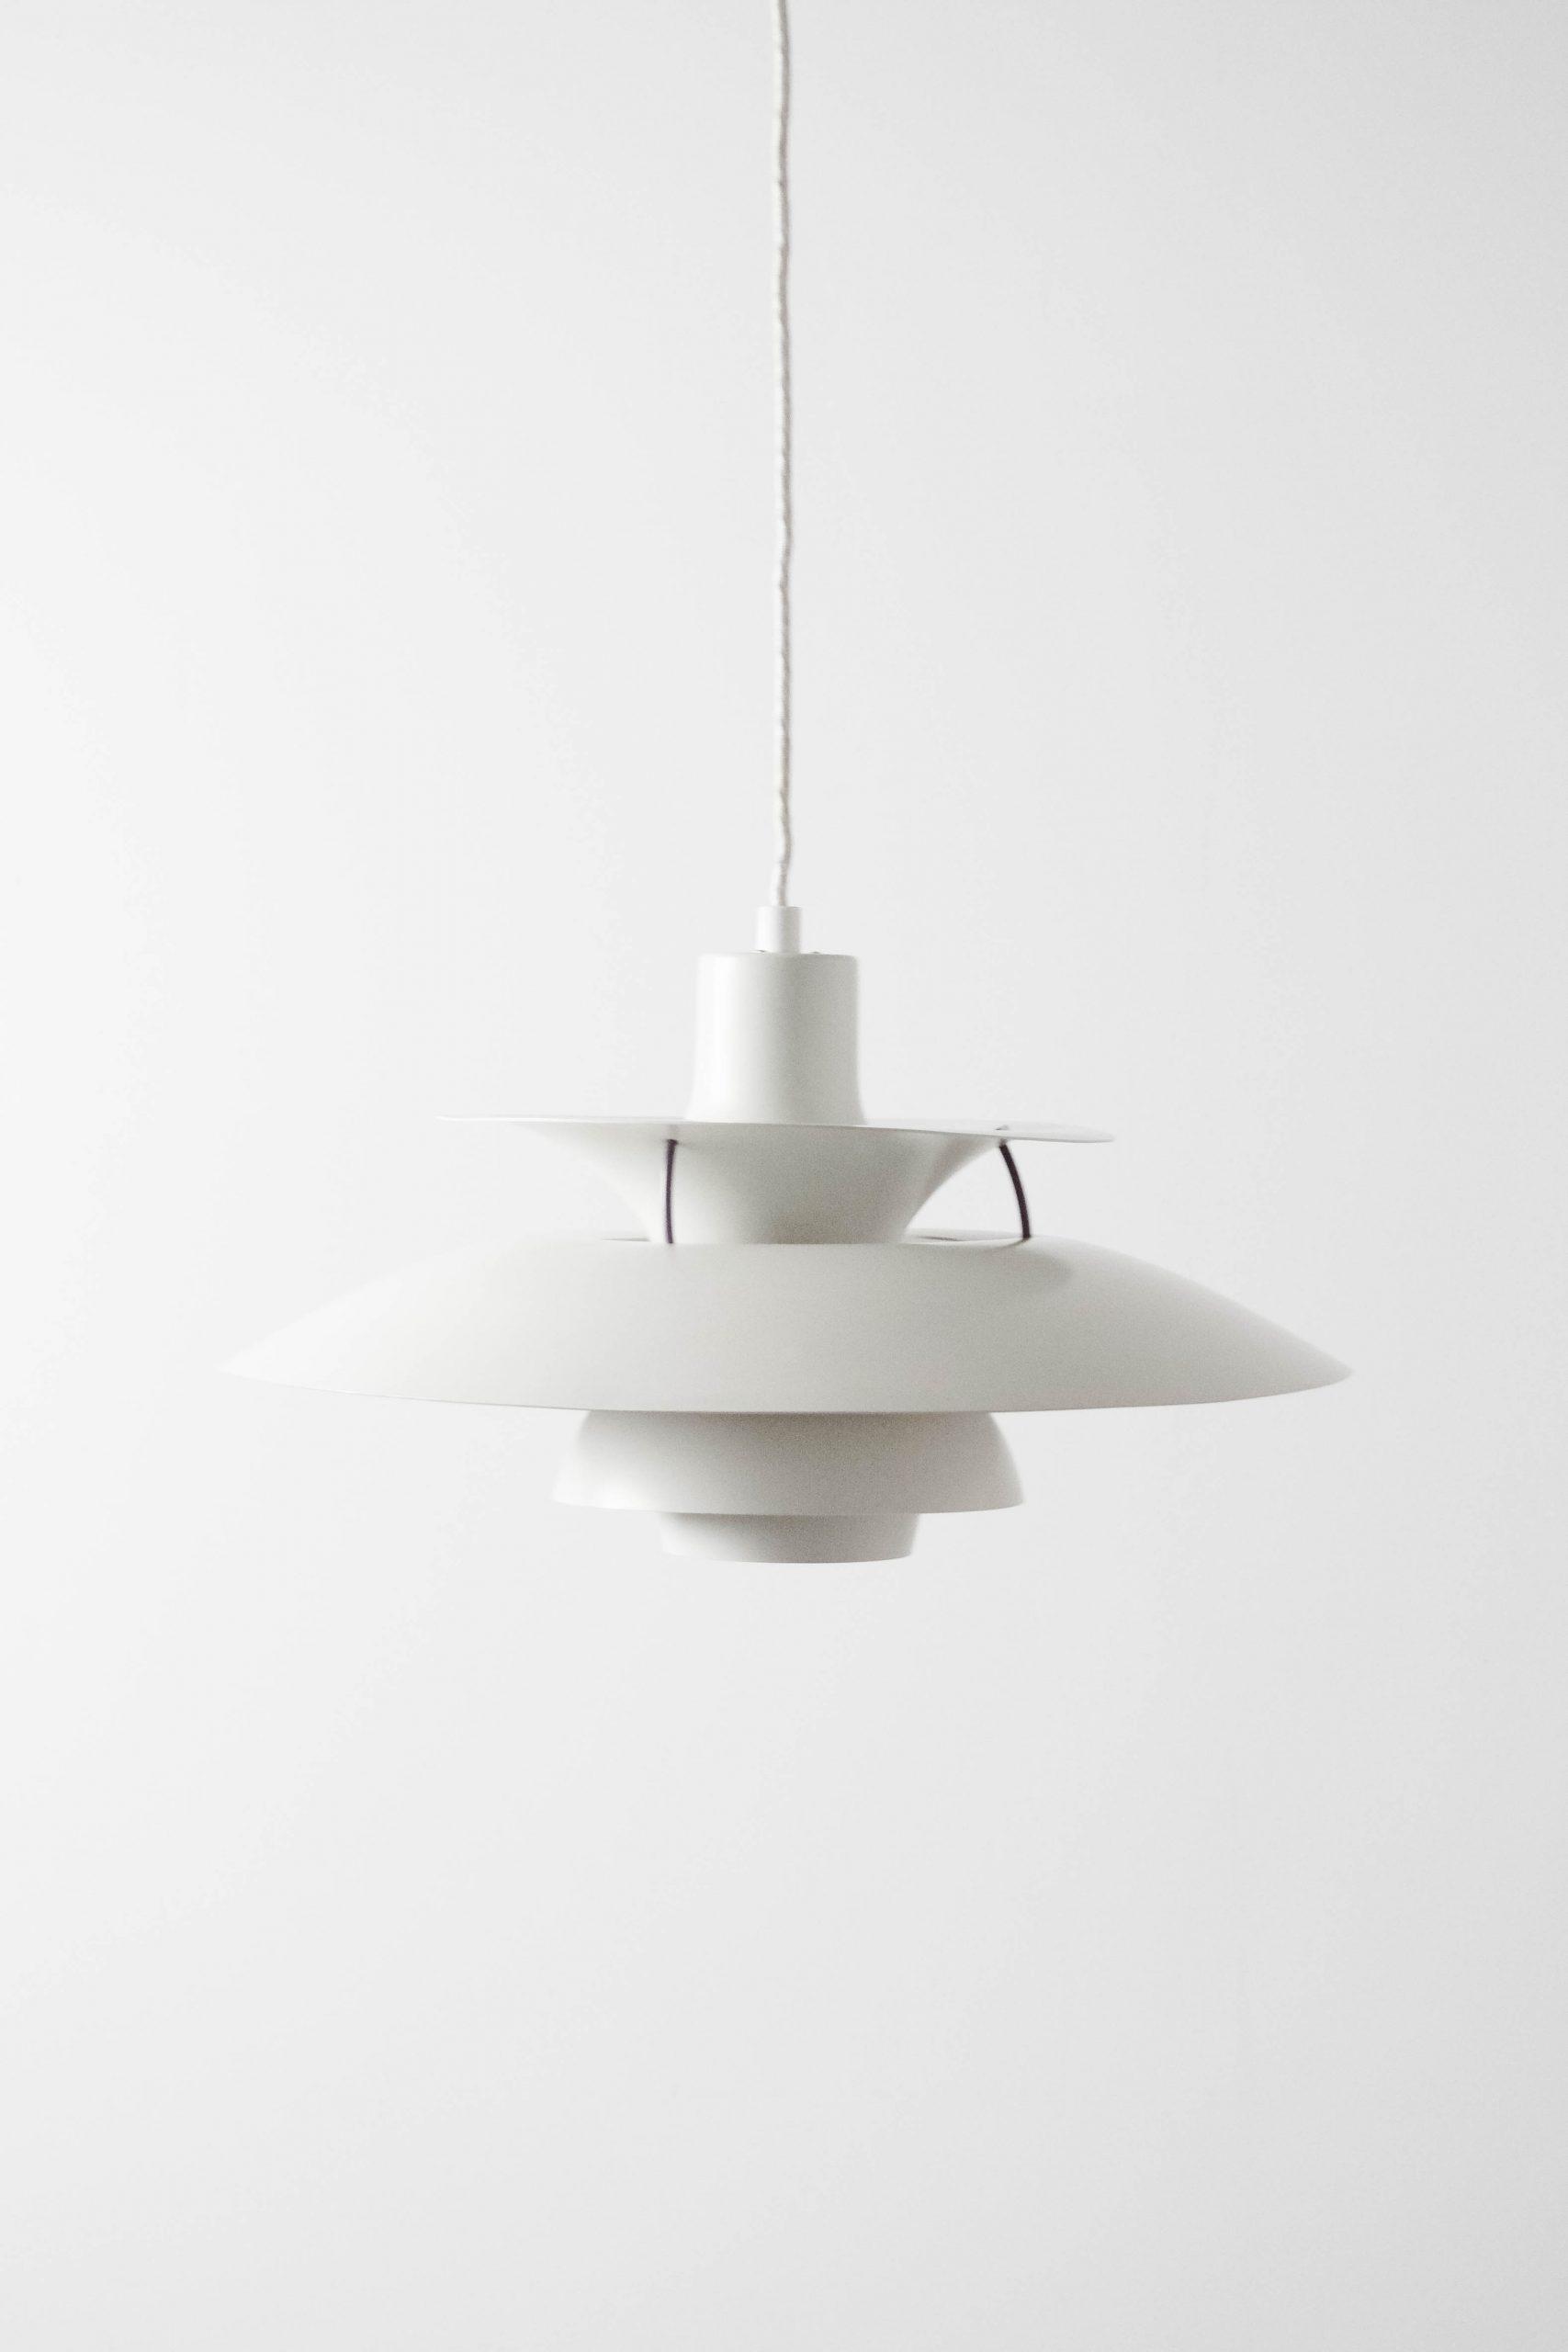 lampara danesa poulsen de diseño blanca de techo